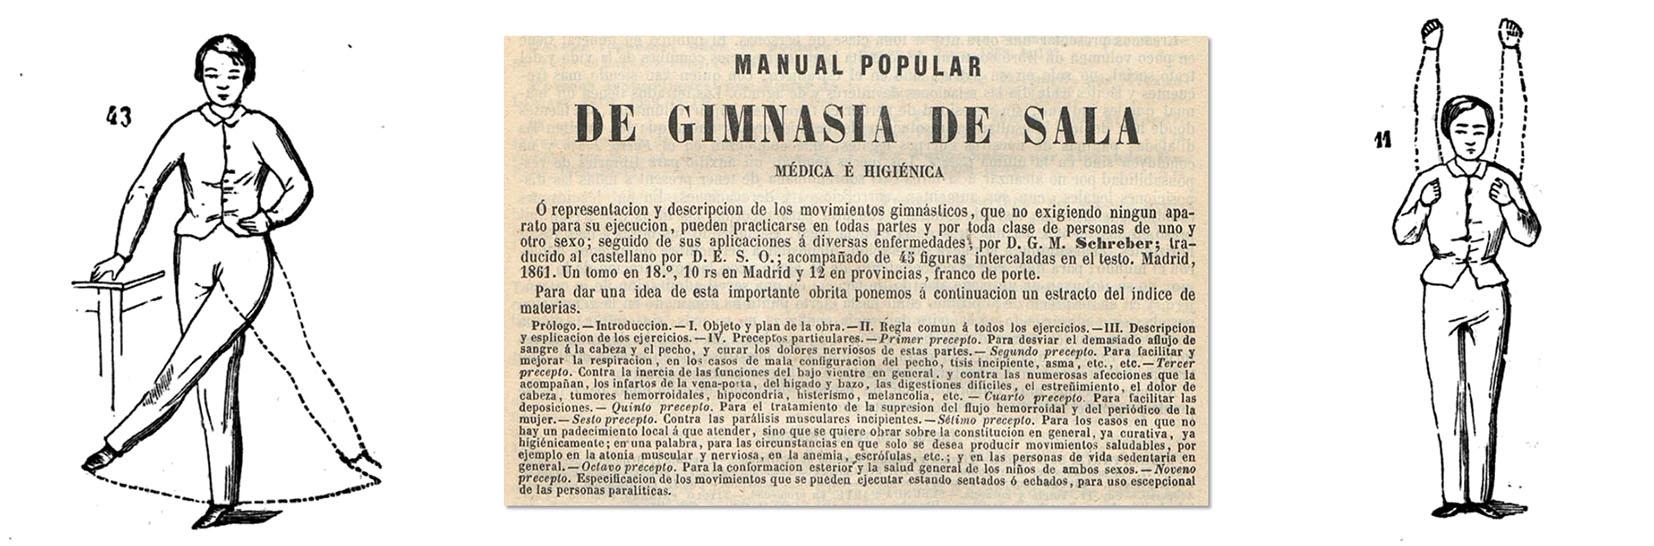 El Monitor de la Salud, Madrid, 15 de agosto de 1861. Ejercicios de gimnasia de sala